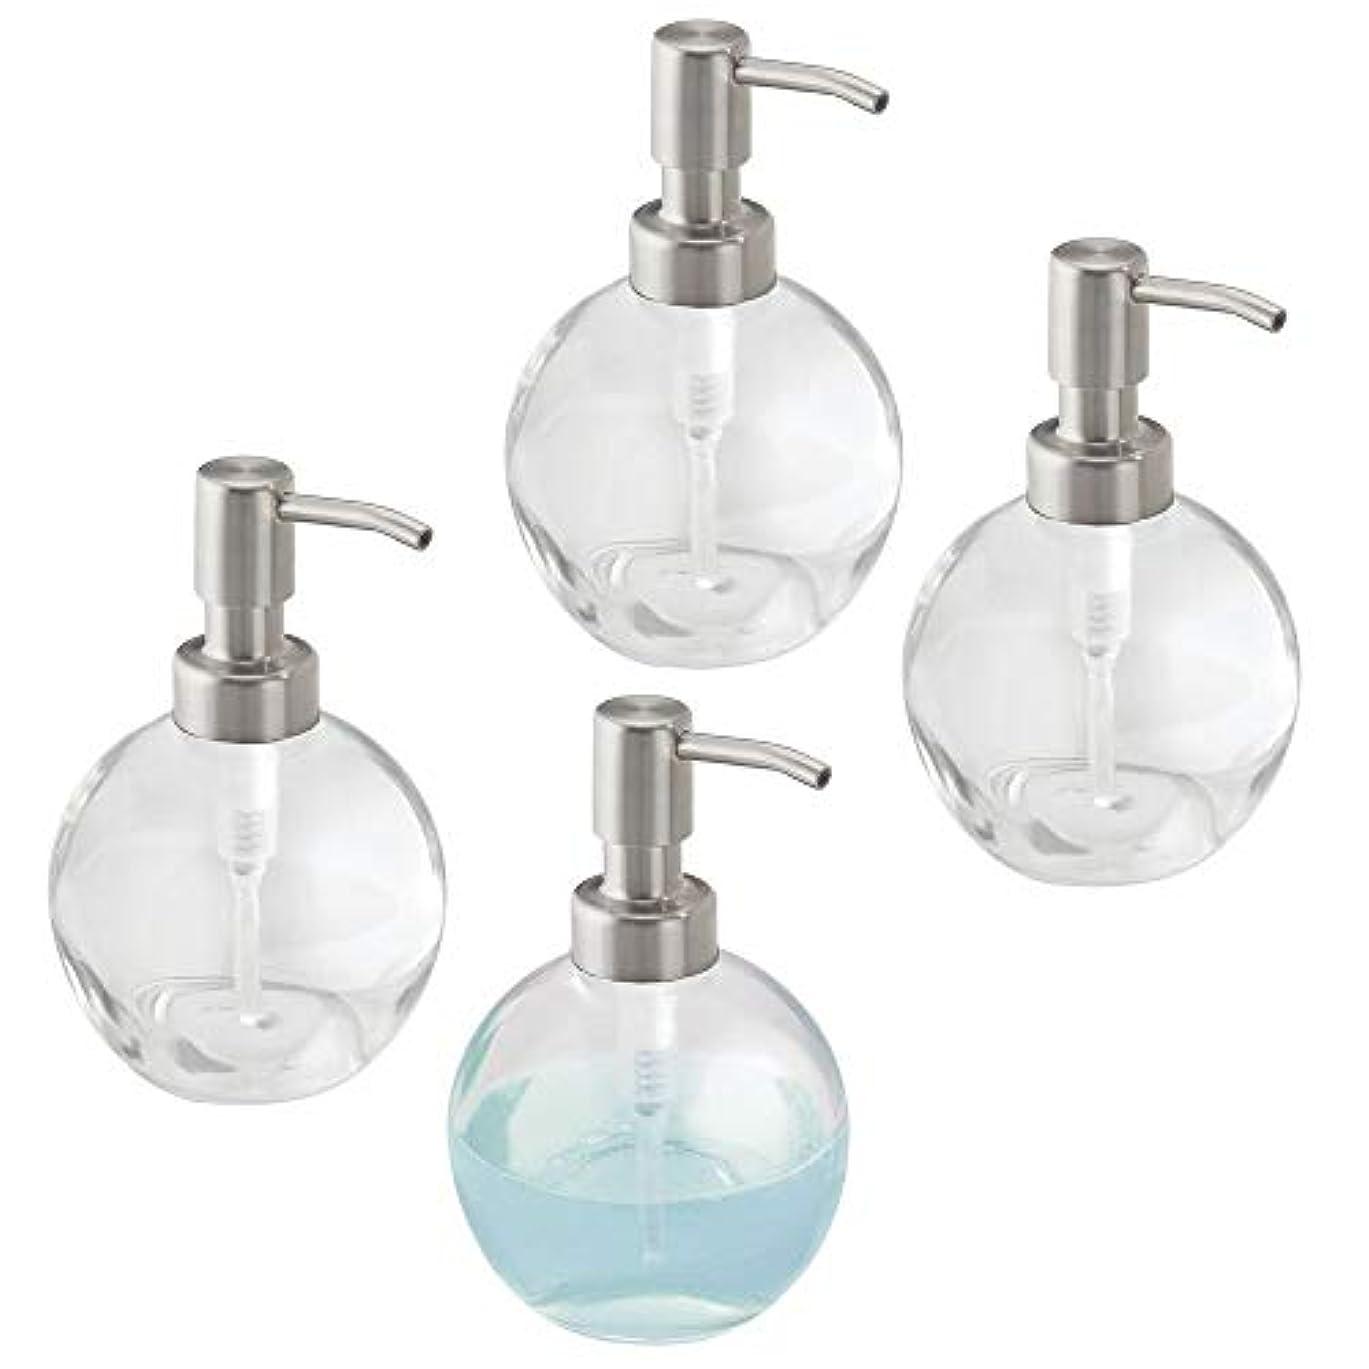 ソフィー日付弾性mDesign Liquid Hand Soapガラスディスペンサーポンプボトルのキッチン、バスルーム もCan Be Used For Hand Lotion & Essential Oils – 4のパック、ラウンド...